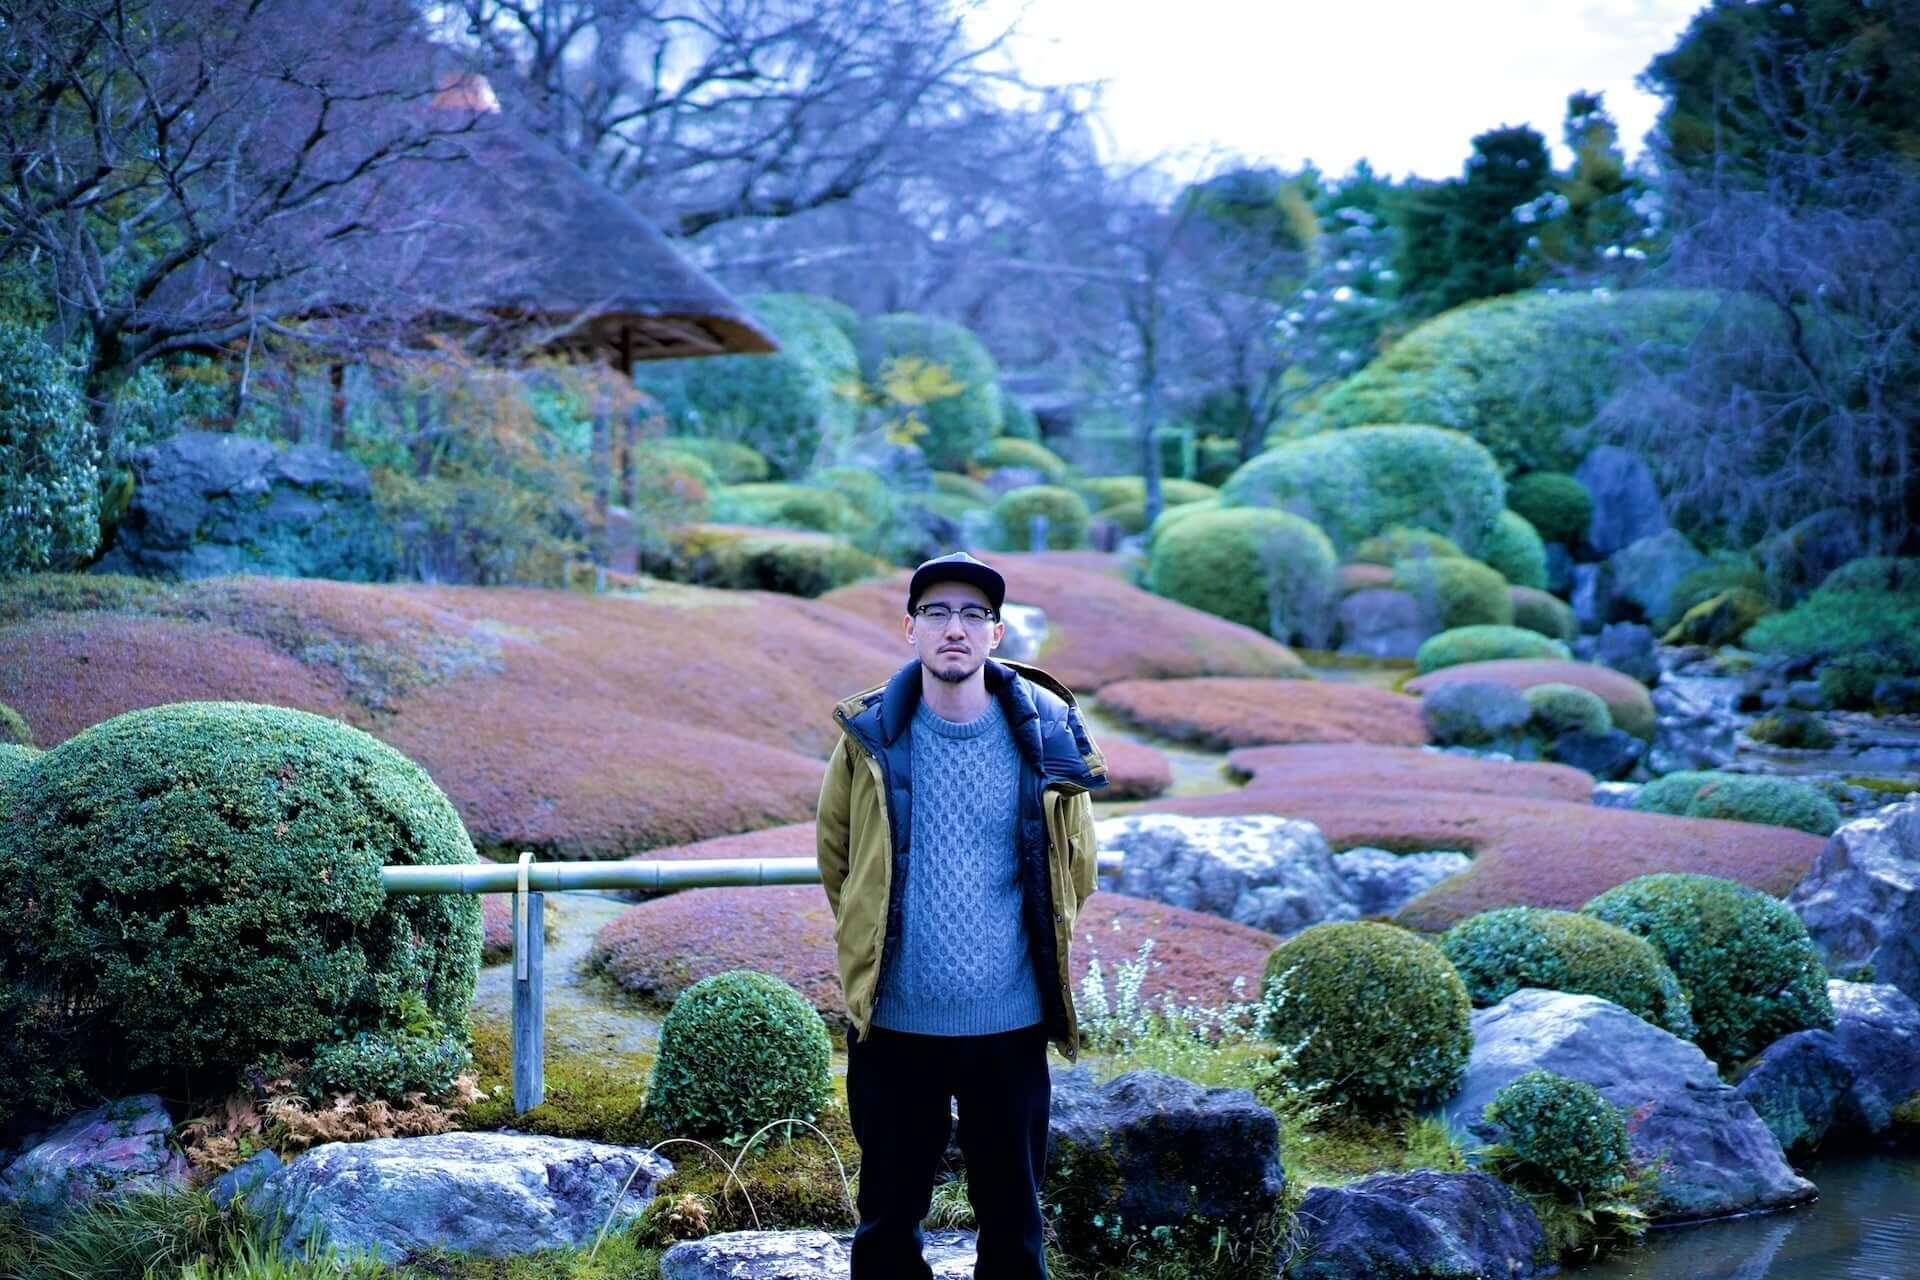 青葉市子、蓮沼執太、U-zhaan、haruka nakamura、Chihei Hatakeyamaらが参加!音楽作品『SOUND TRIP』の第2弾がリリース music210107_sound-trip_4-1920x1280